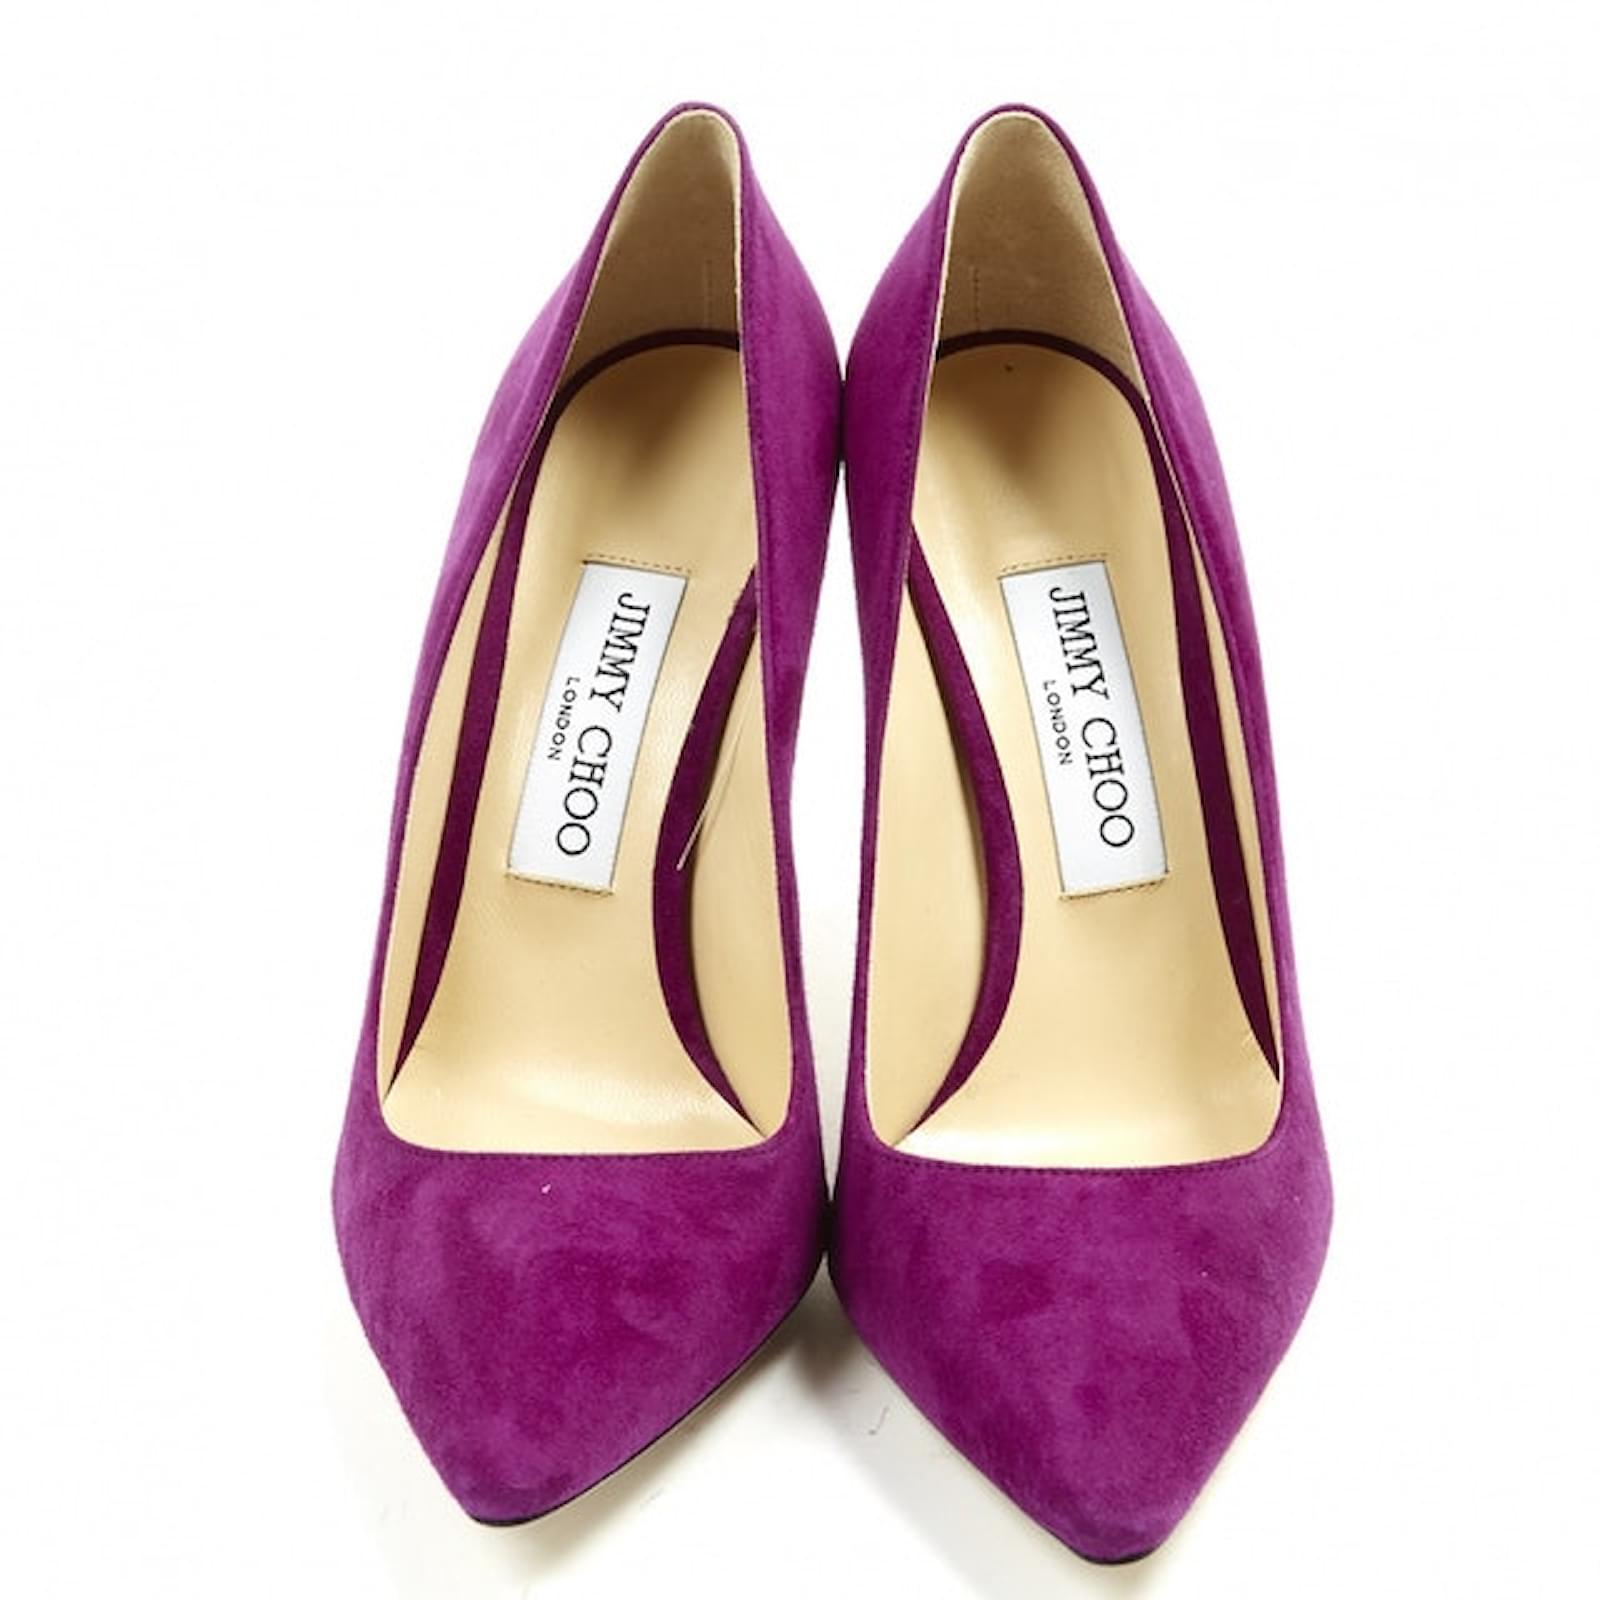 Jimmy Choo Heels Heels Deerskin Purple